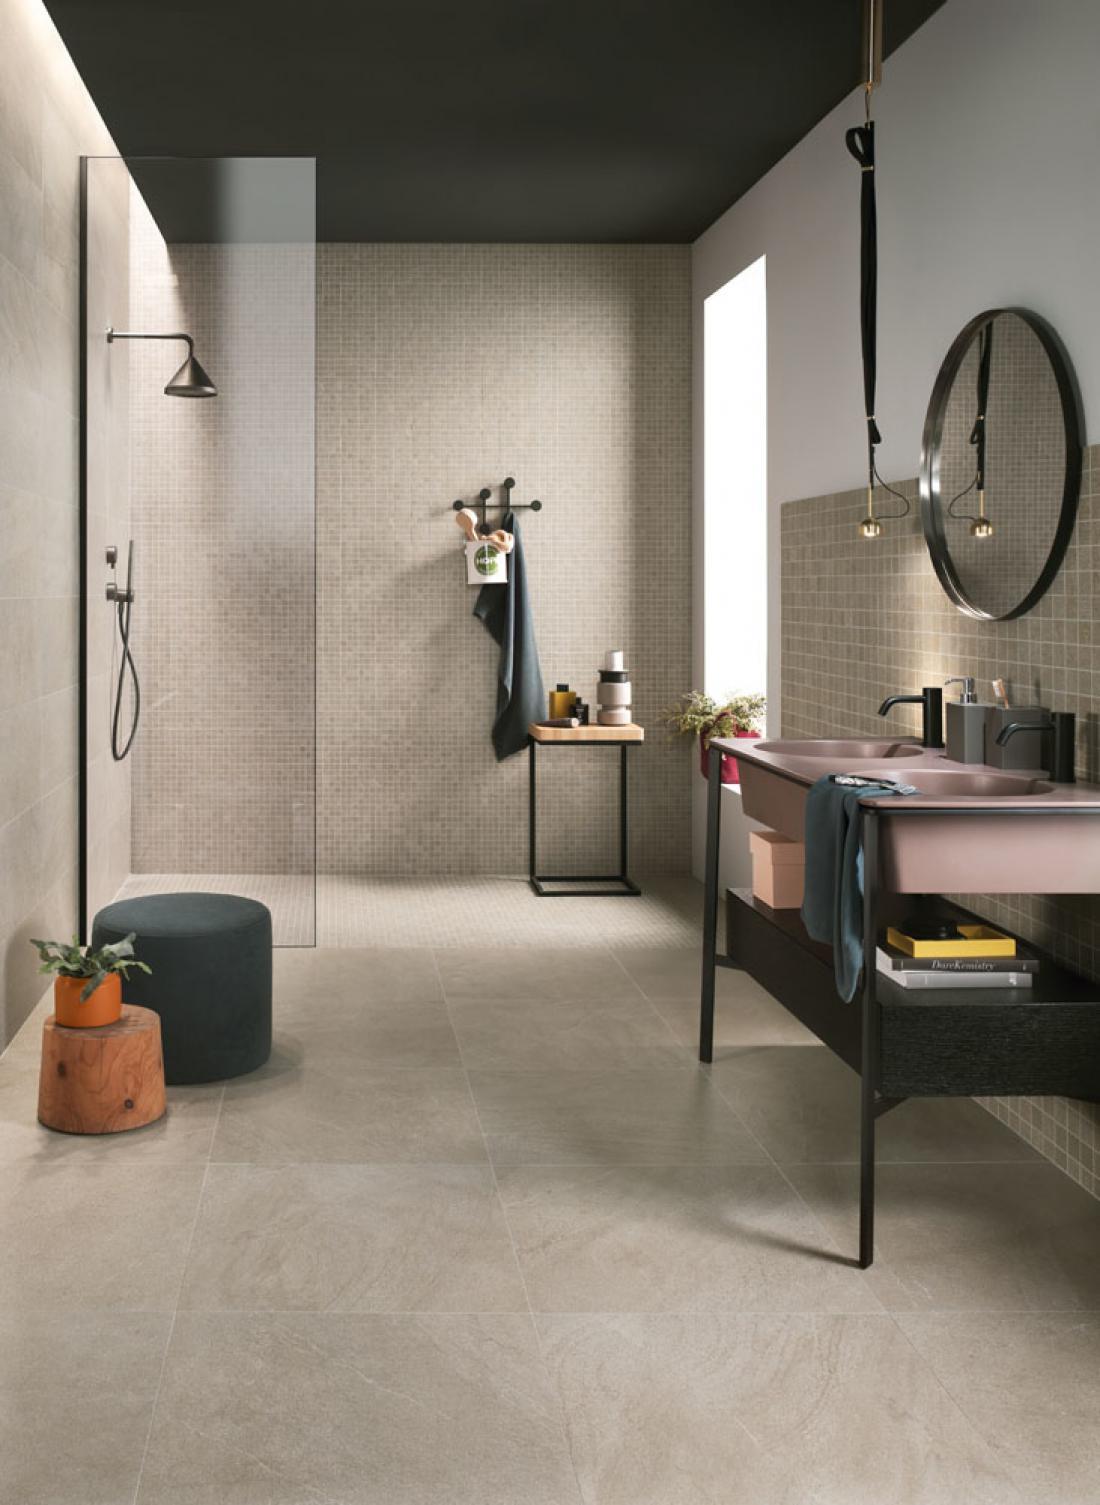 Pri razporejanju sanitarne opreme je treba paziti na primerne odmike med elementi (arhiv Lea Ceramiche).